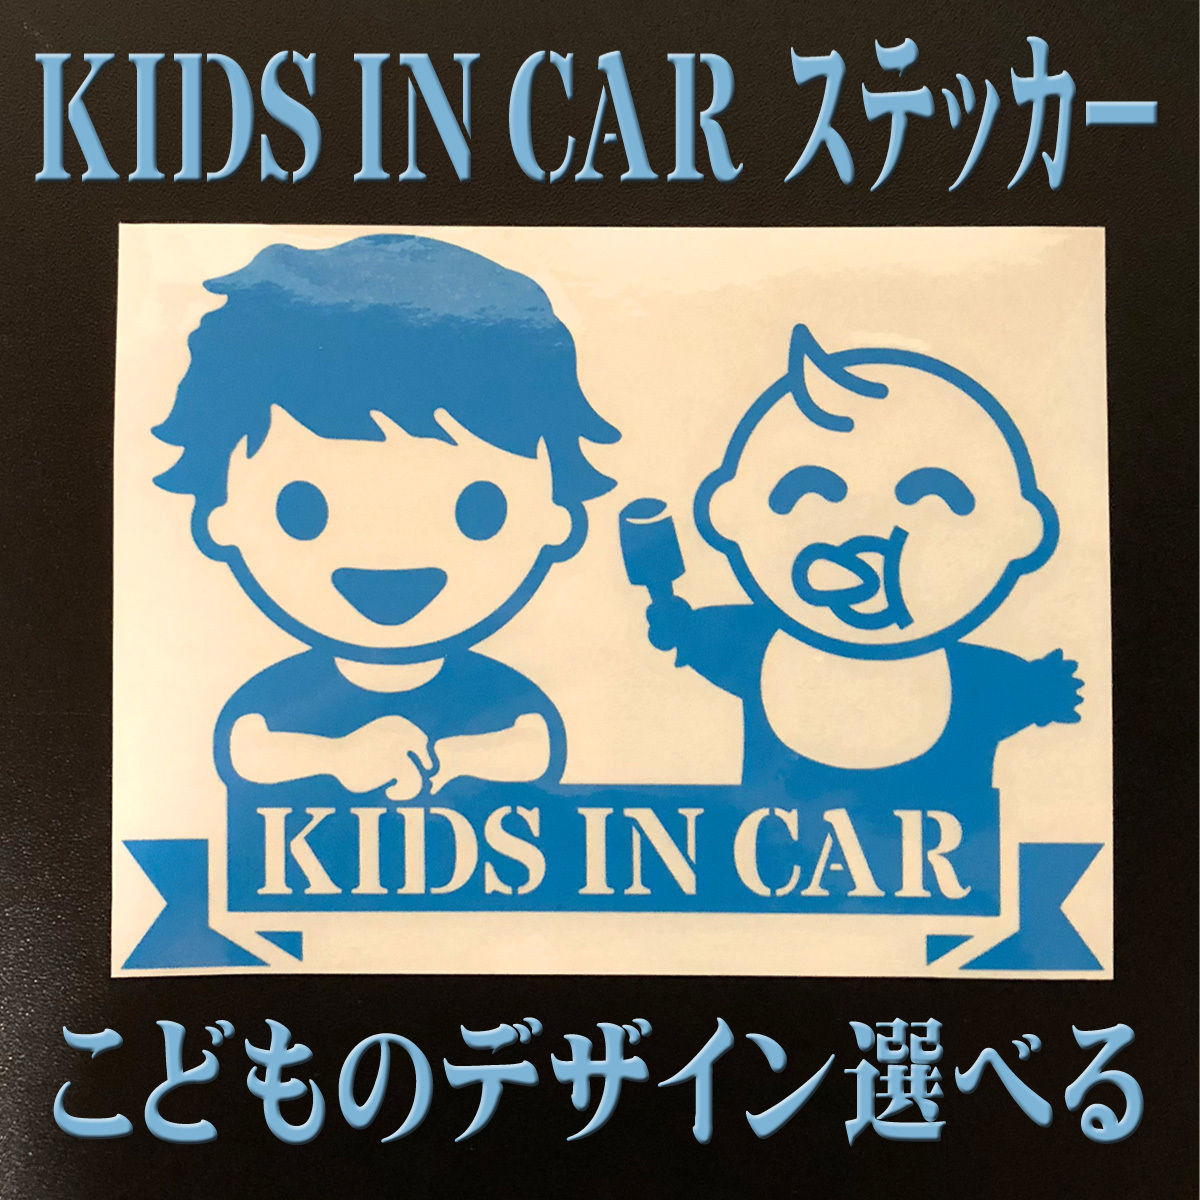 ●キッズインカー ベビーインカー ステッカー 兄弟 姉妹 選べる子どもイラスト12種類・色10種類 242_画像1